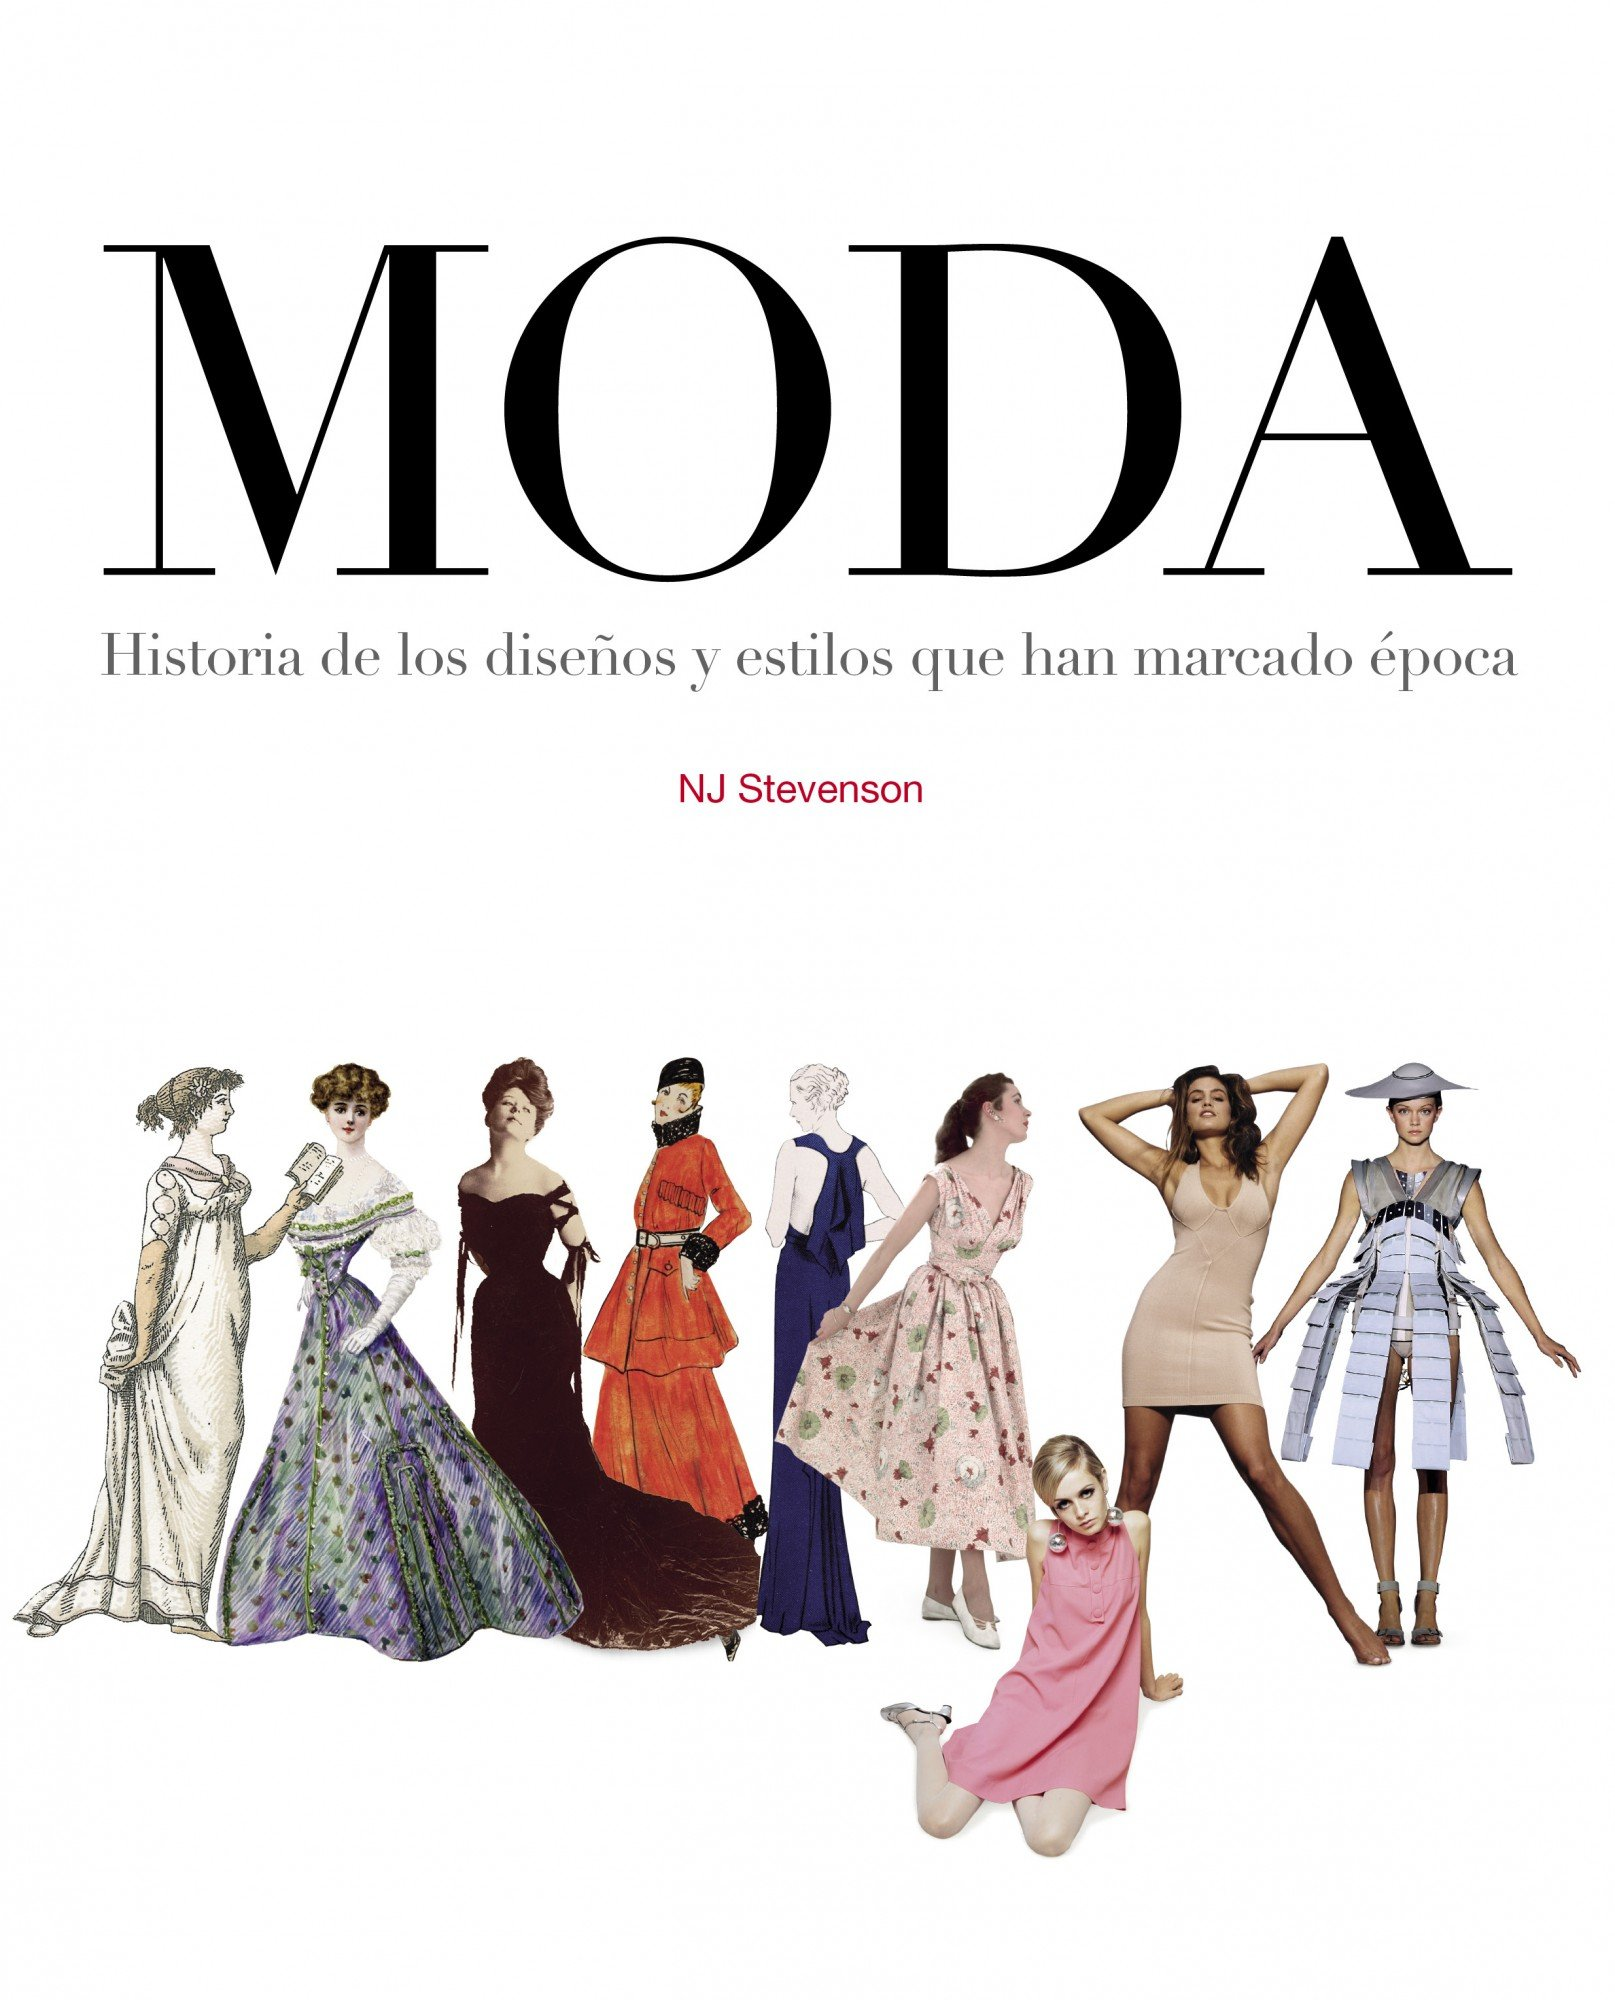 Moda: Historia de los diseños y estilos que han marcado época General: Amazon.es: AA. VV.: Libros